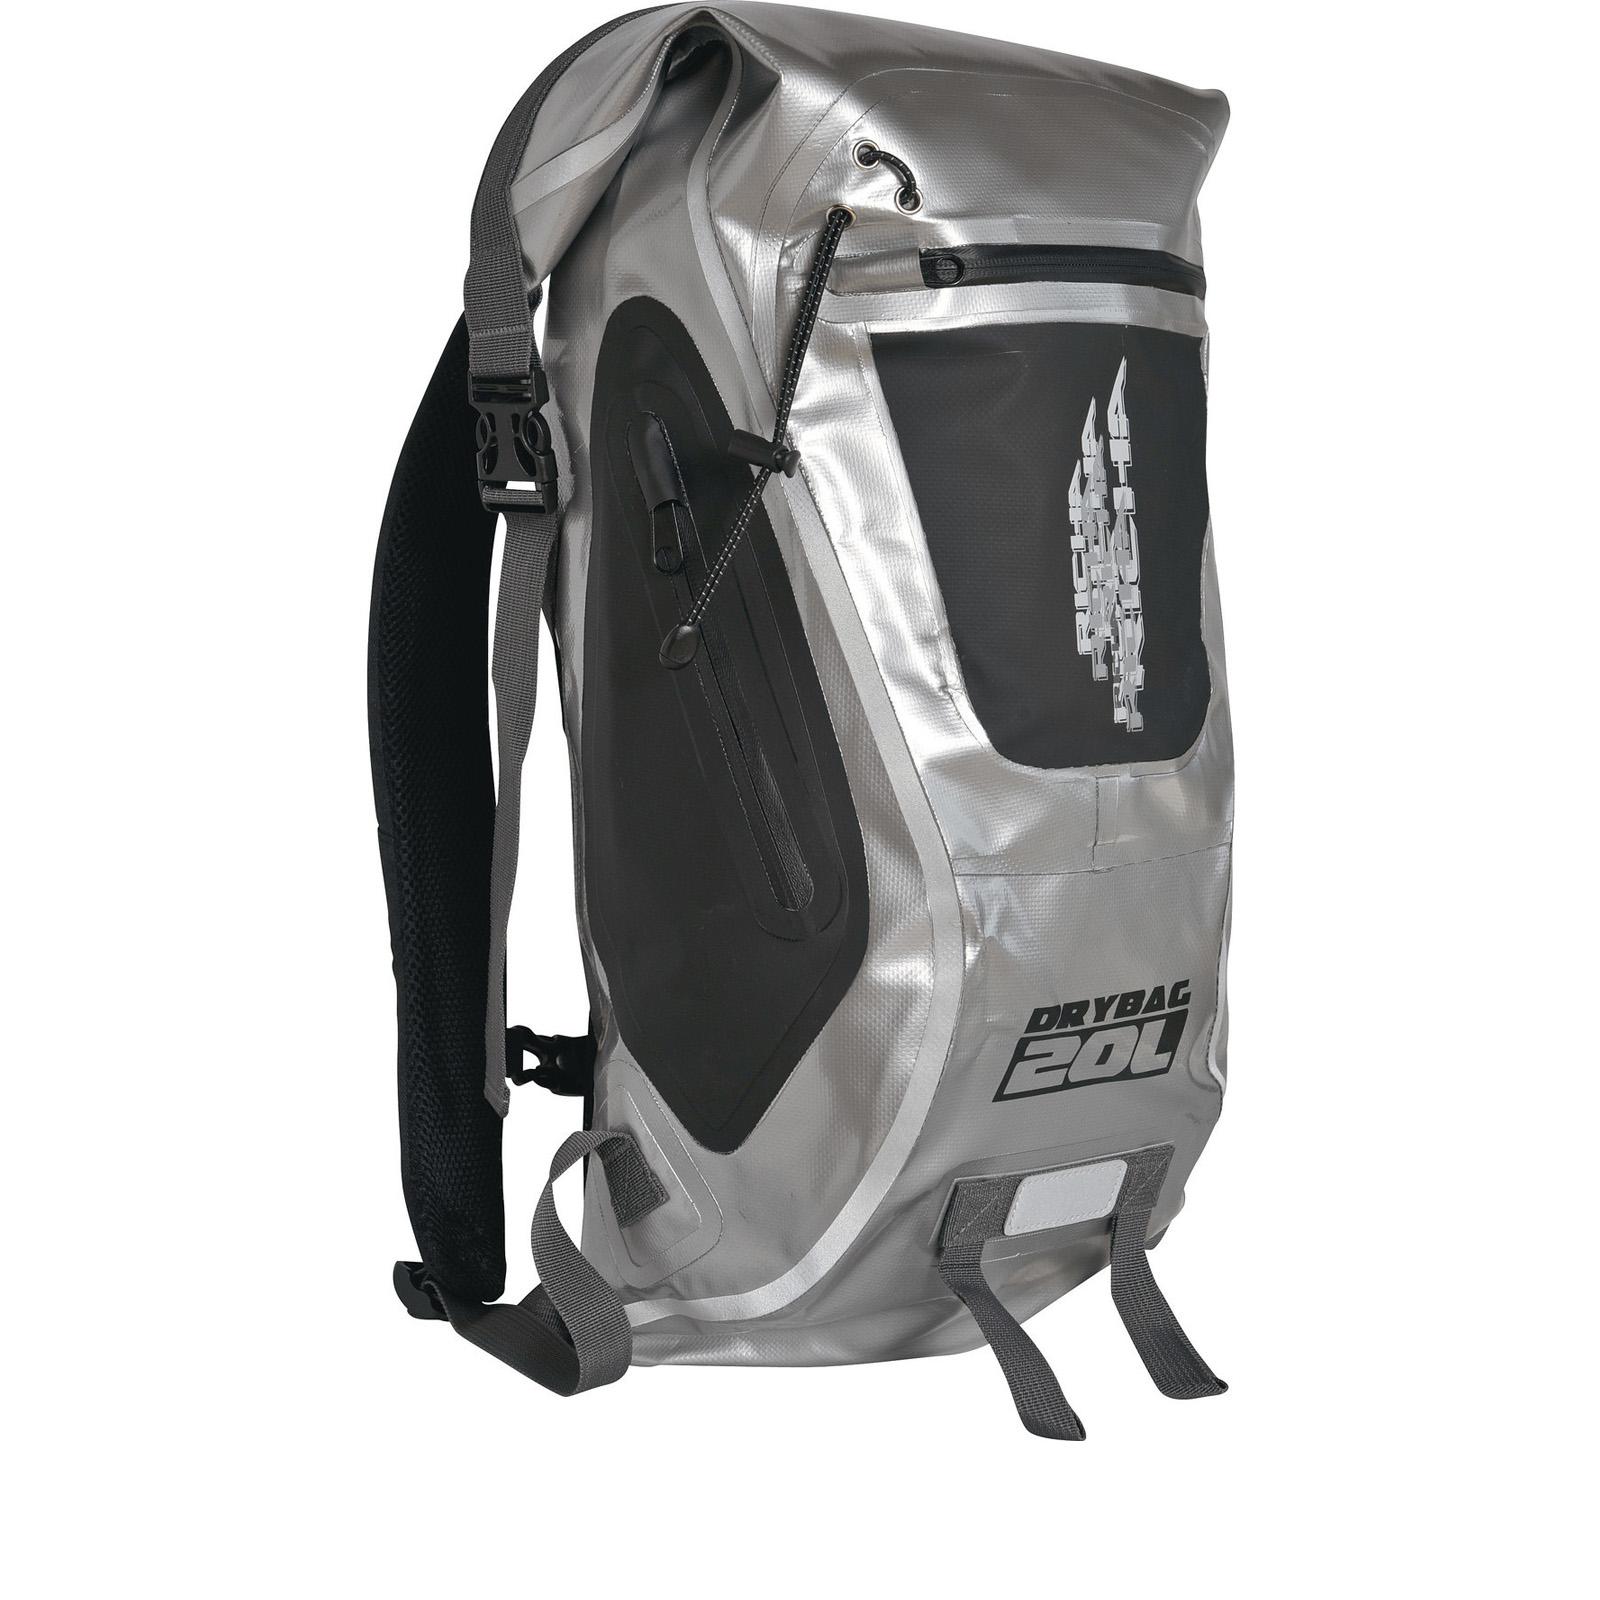 Waterproof Backpack Motorcycle - Crazy Backpacks